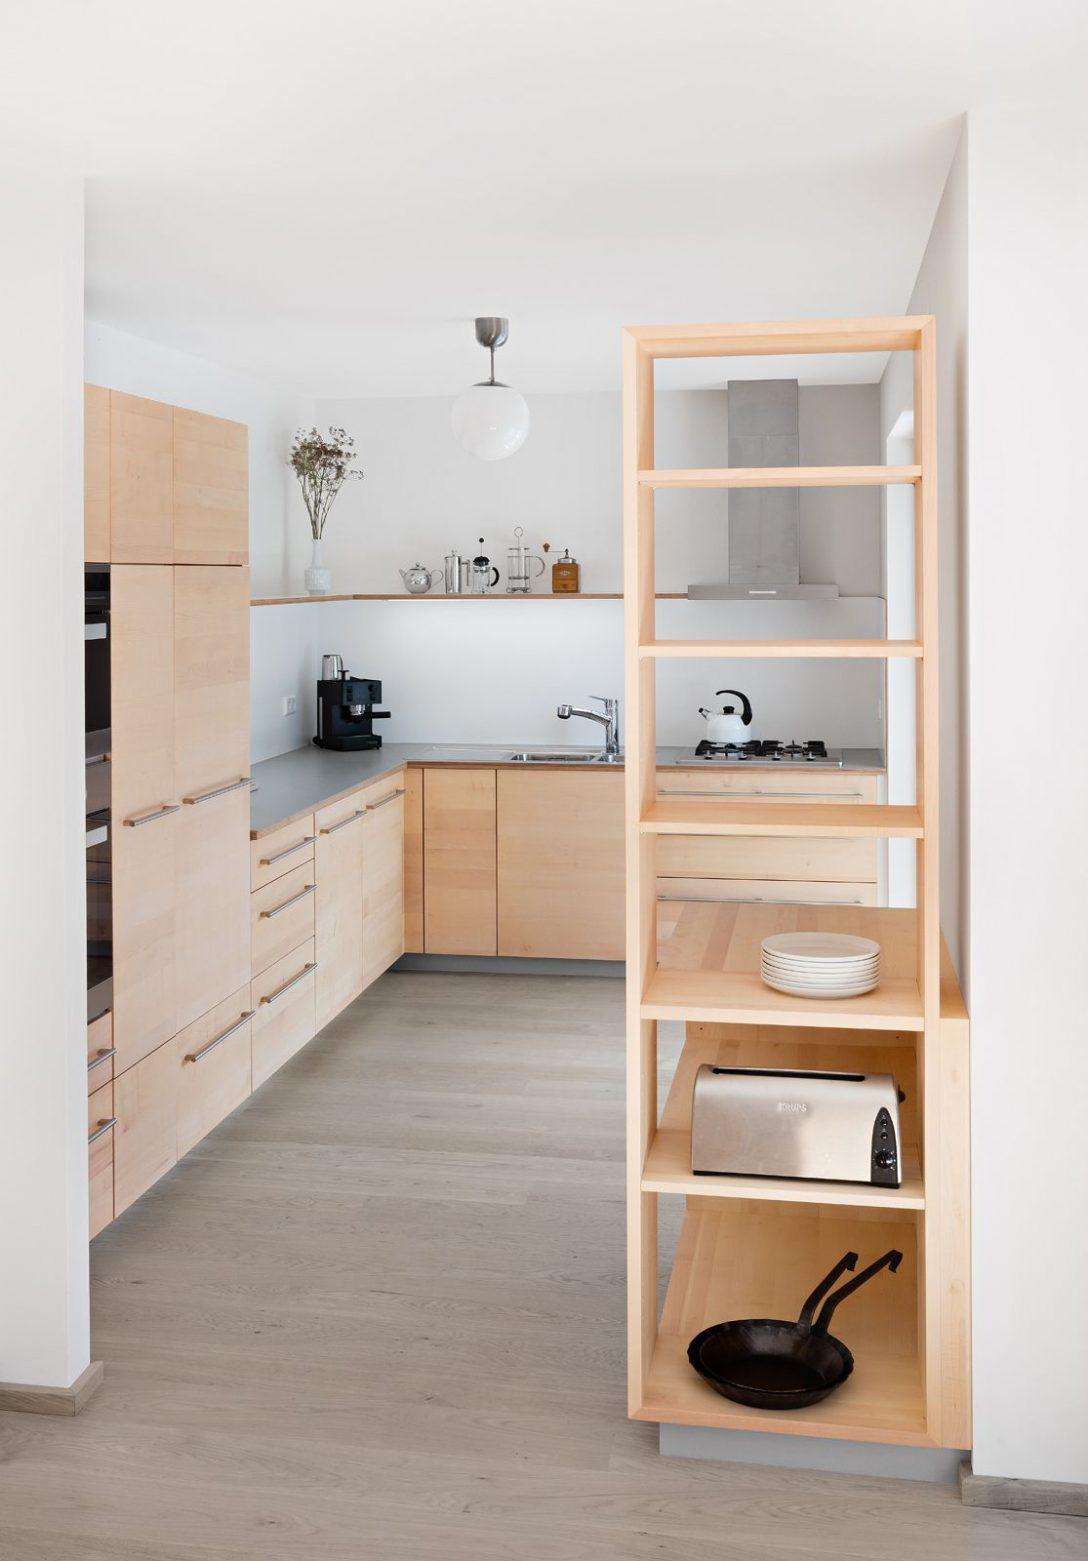 Large Size of Elegante Vollholzkche In L Form Mit Dunkler Arbeitsplatte Vollholzküche Küche Vollholzküche